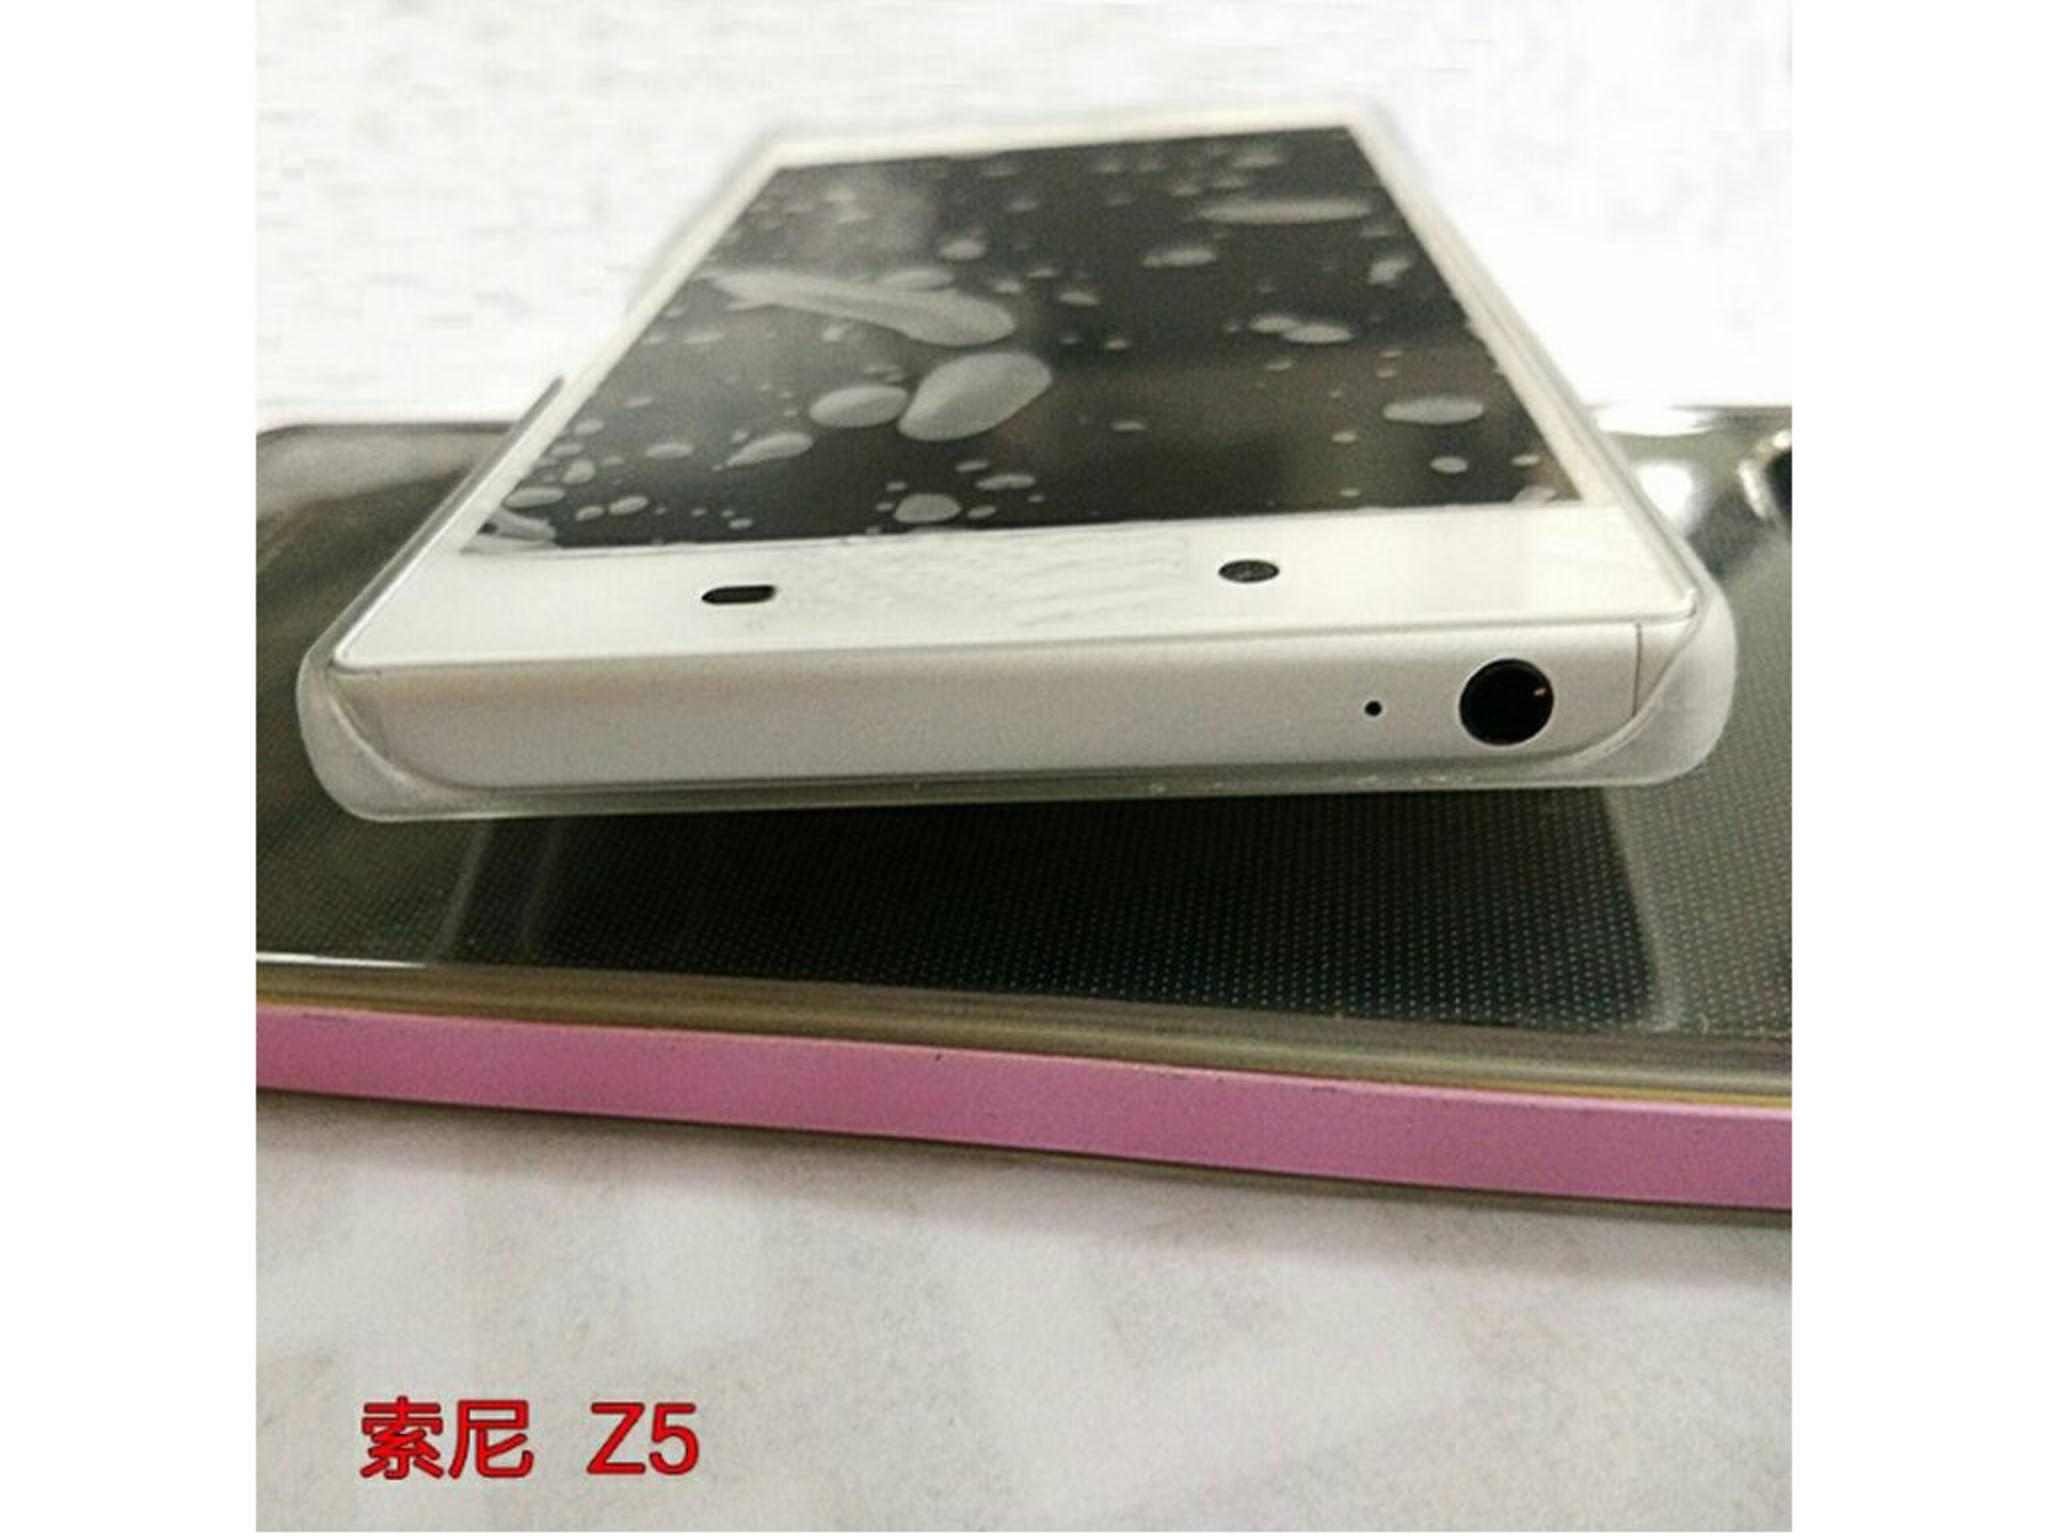 Sony Xperia Z5 4